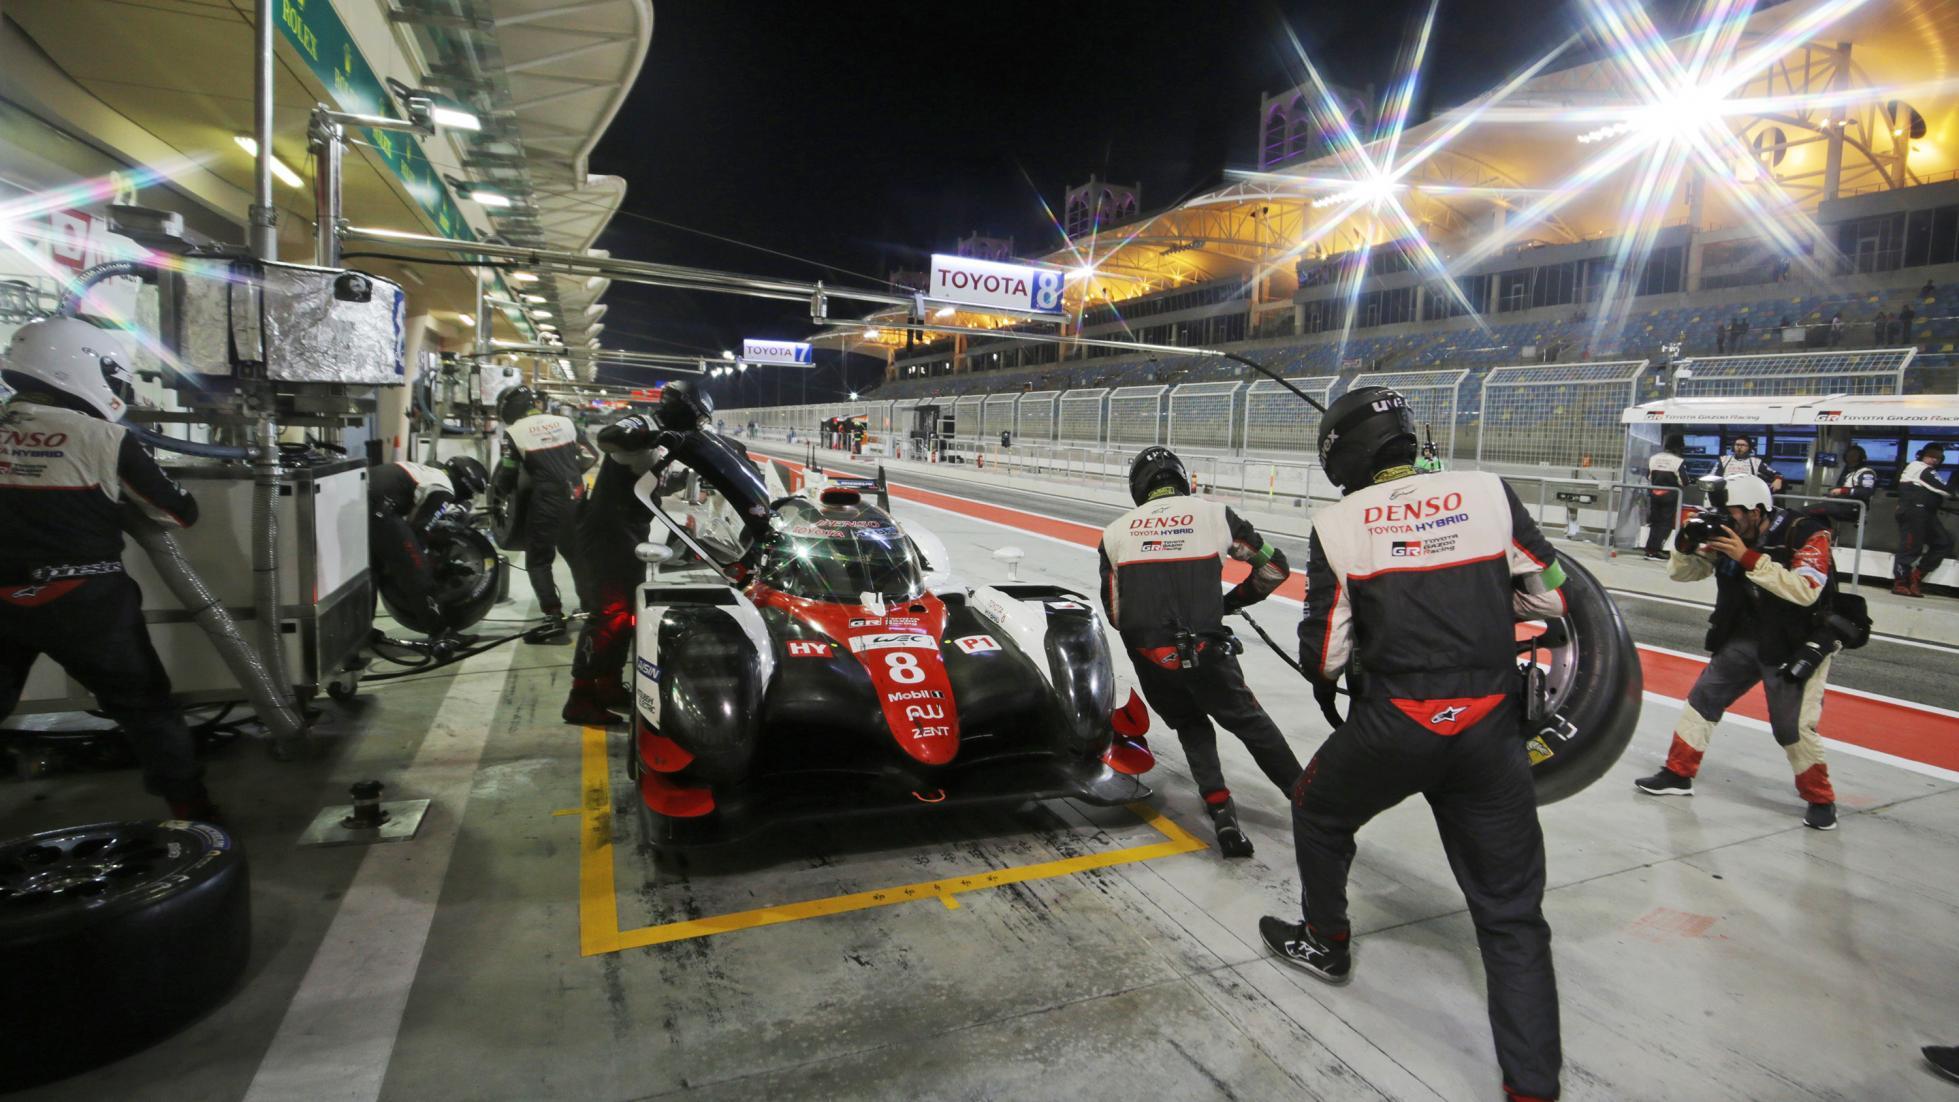 Toyota sábado noche en Baréin